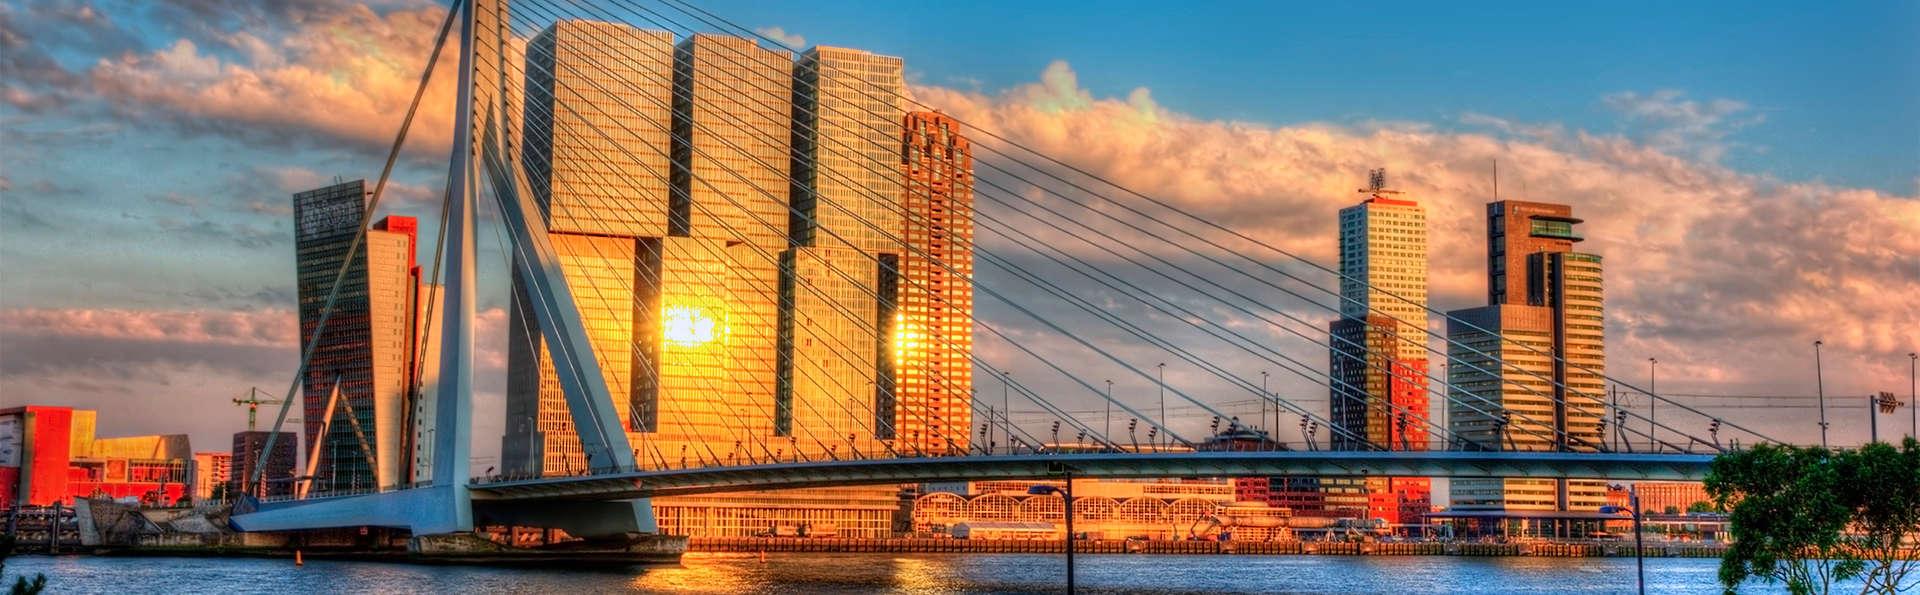 Découvrez le plus grand port d'Europe à Rotterdam